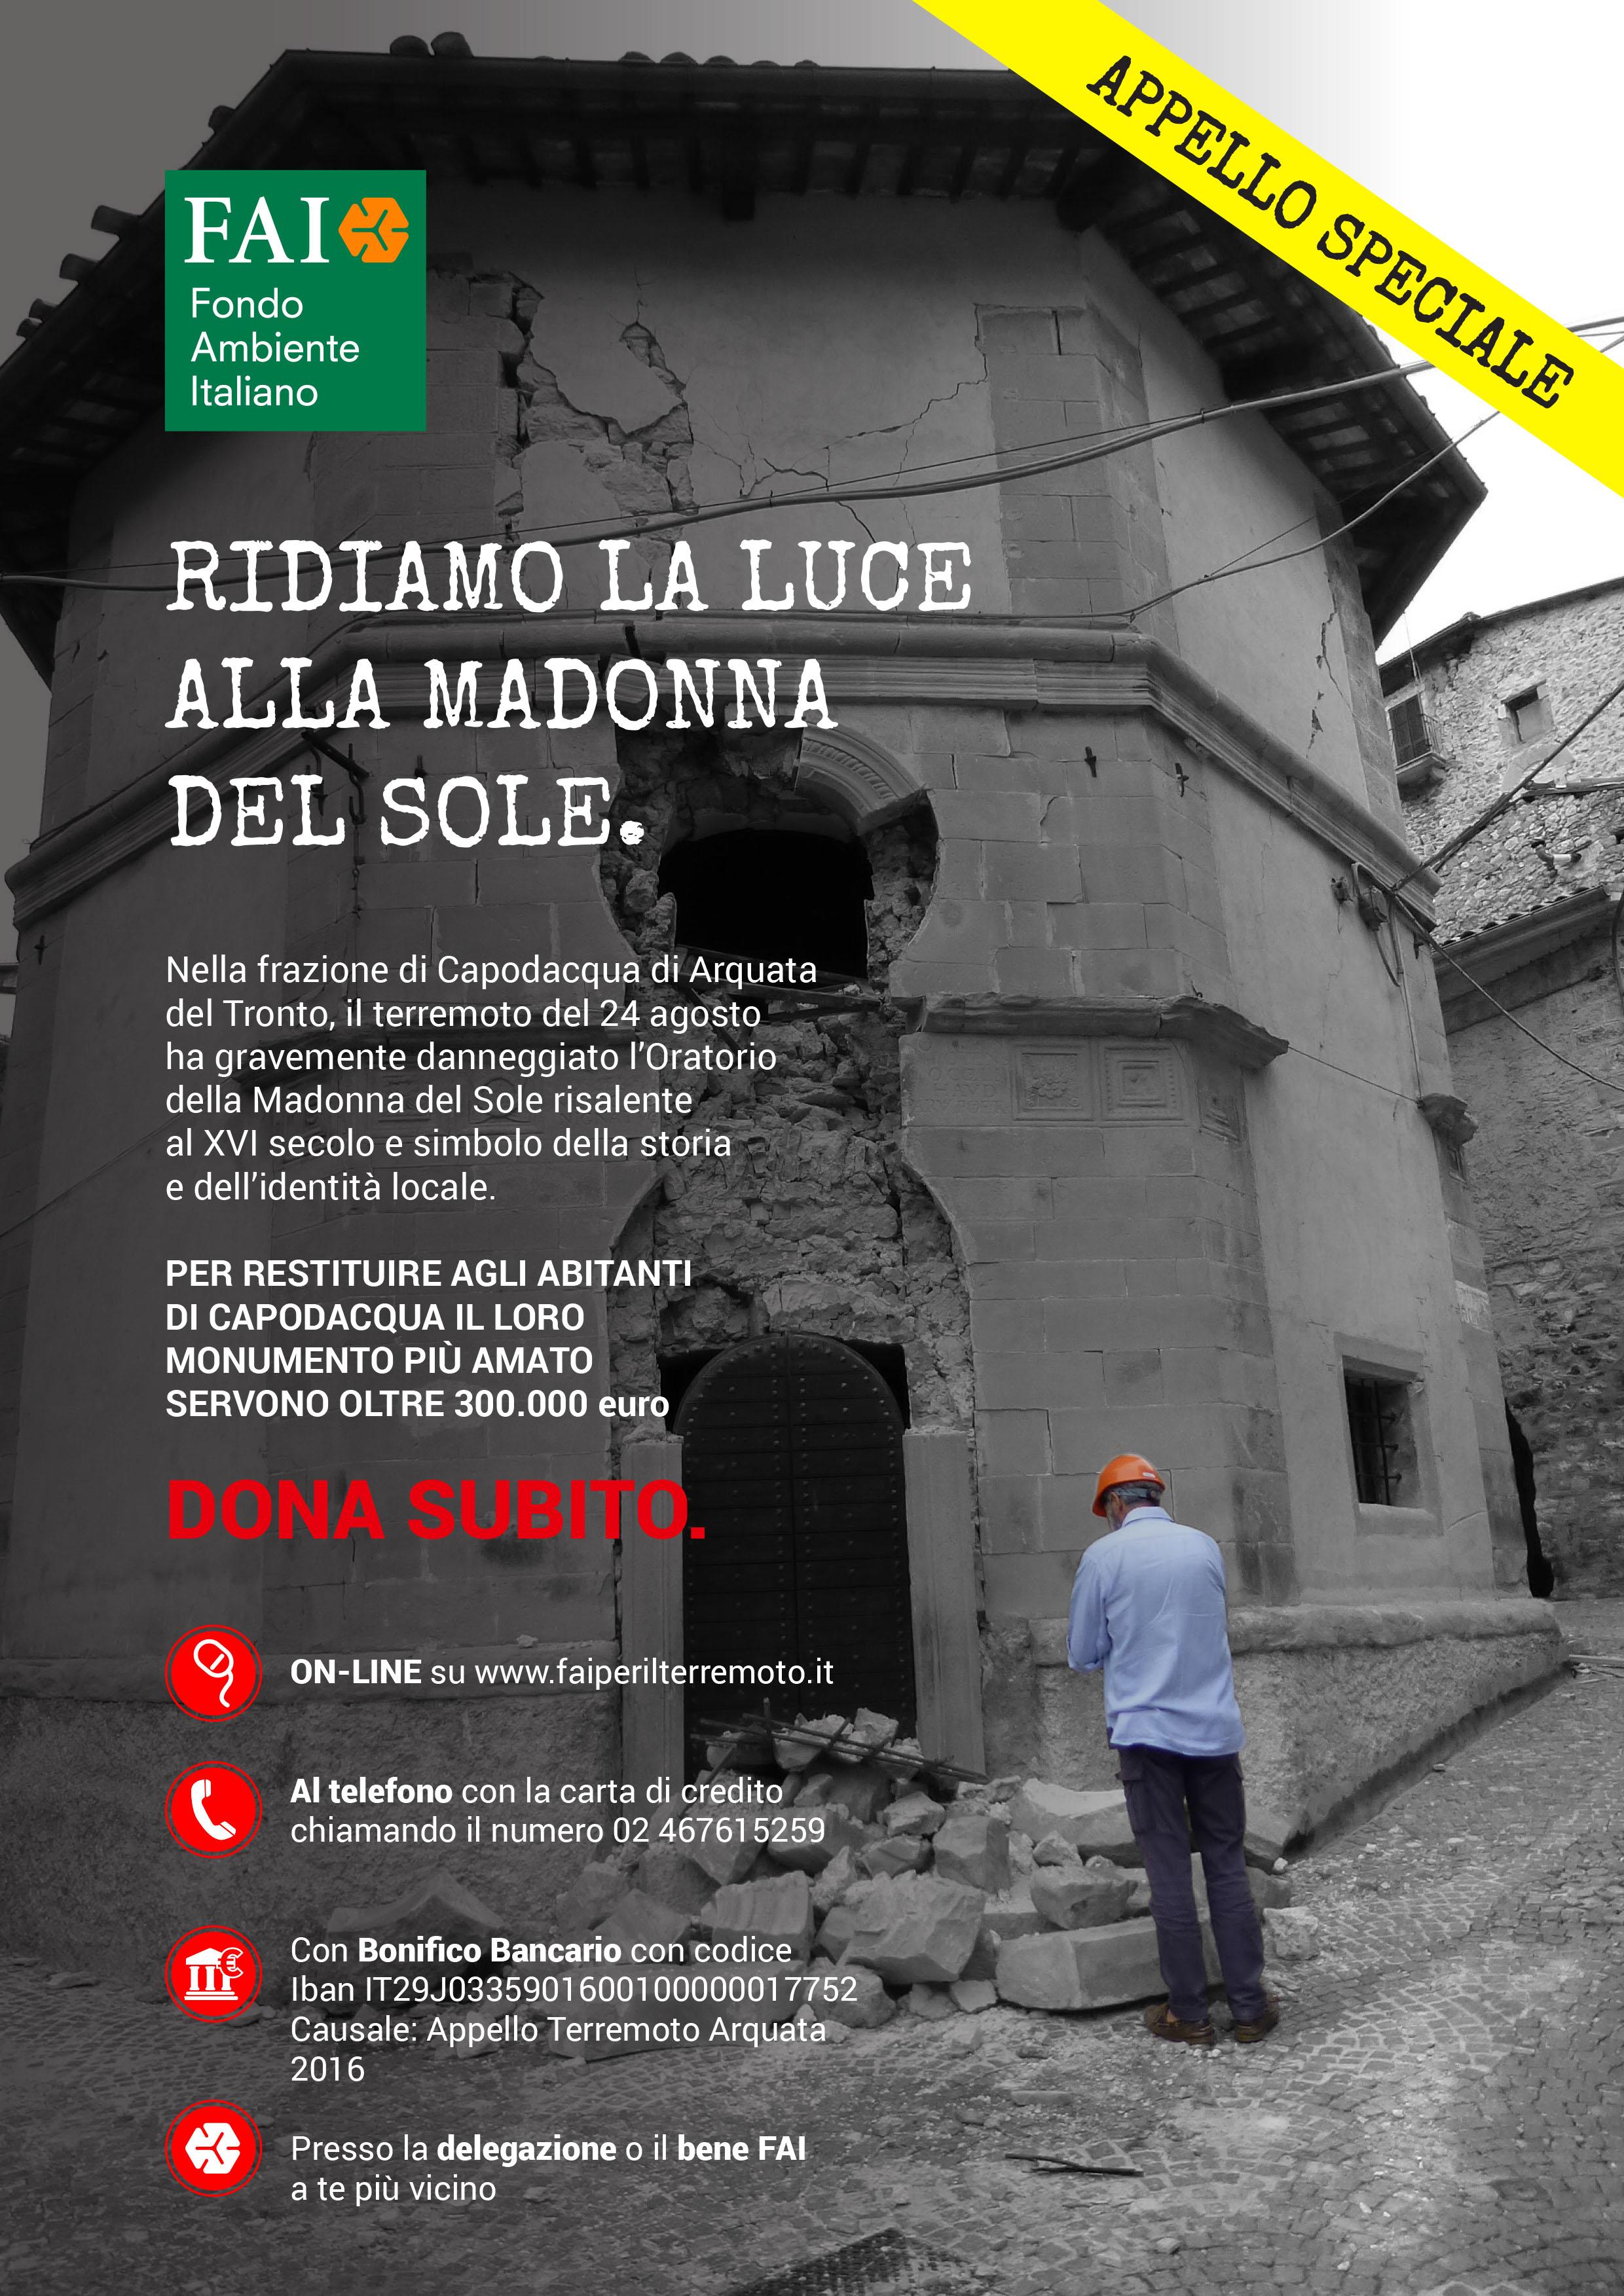 Raccolta fondi a Favore dei comuni terremotati del centro Italia